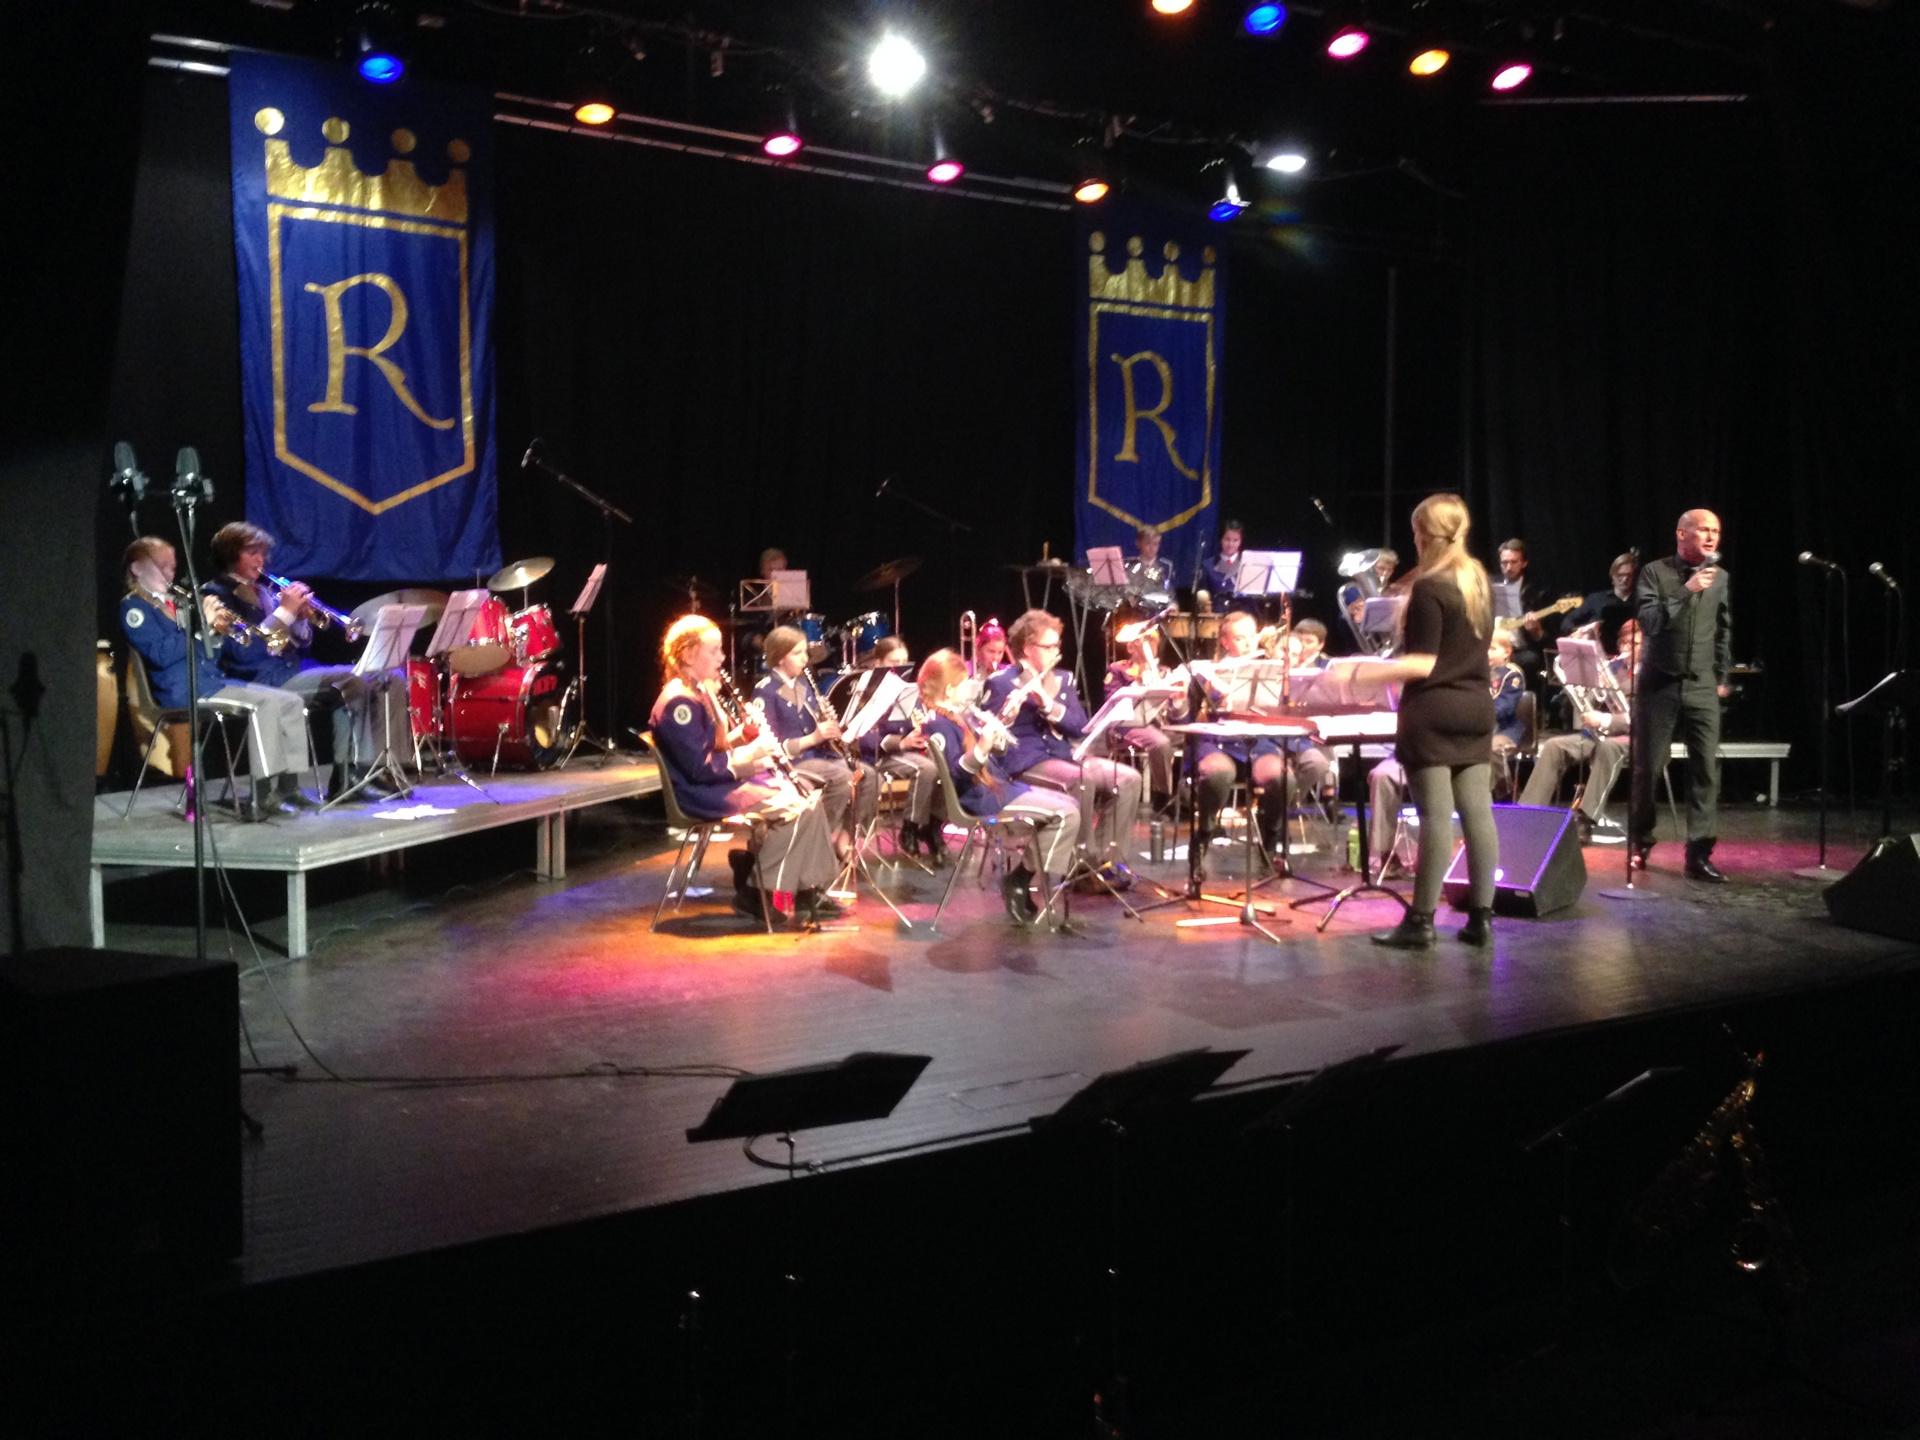 Royals - vårkonsert i Kulturhuset